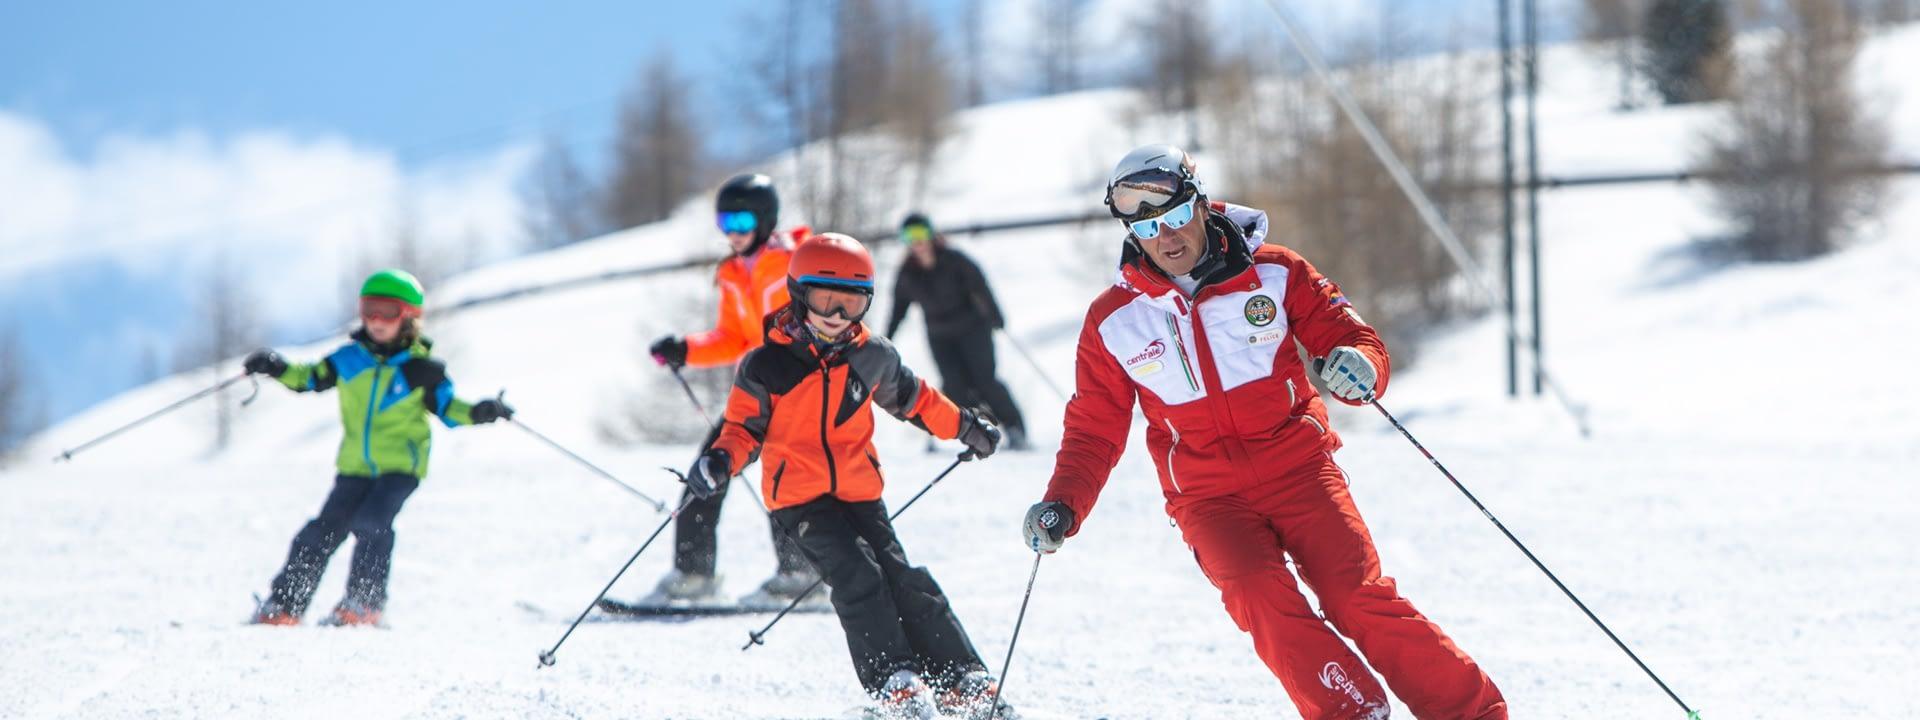 Lezione di sci con maestro della Scuola Sci Centrale di Livigno sulle piste della ski area Mottolino